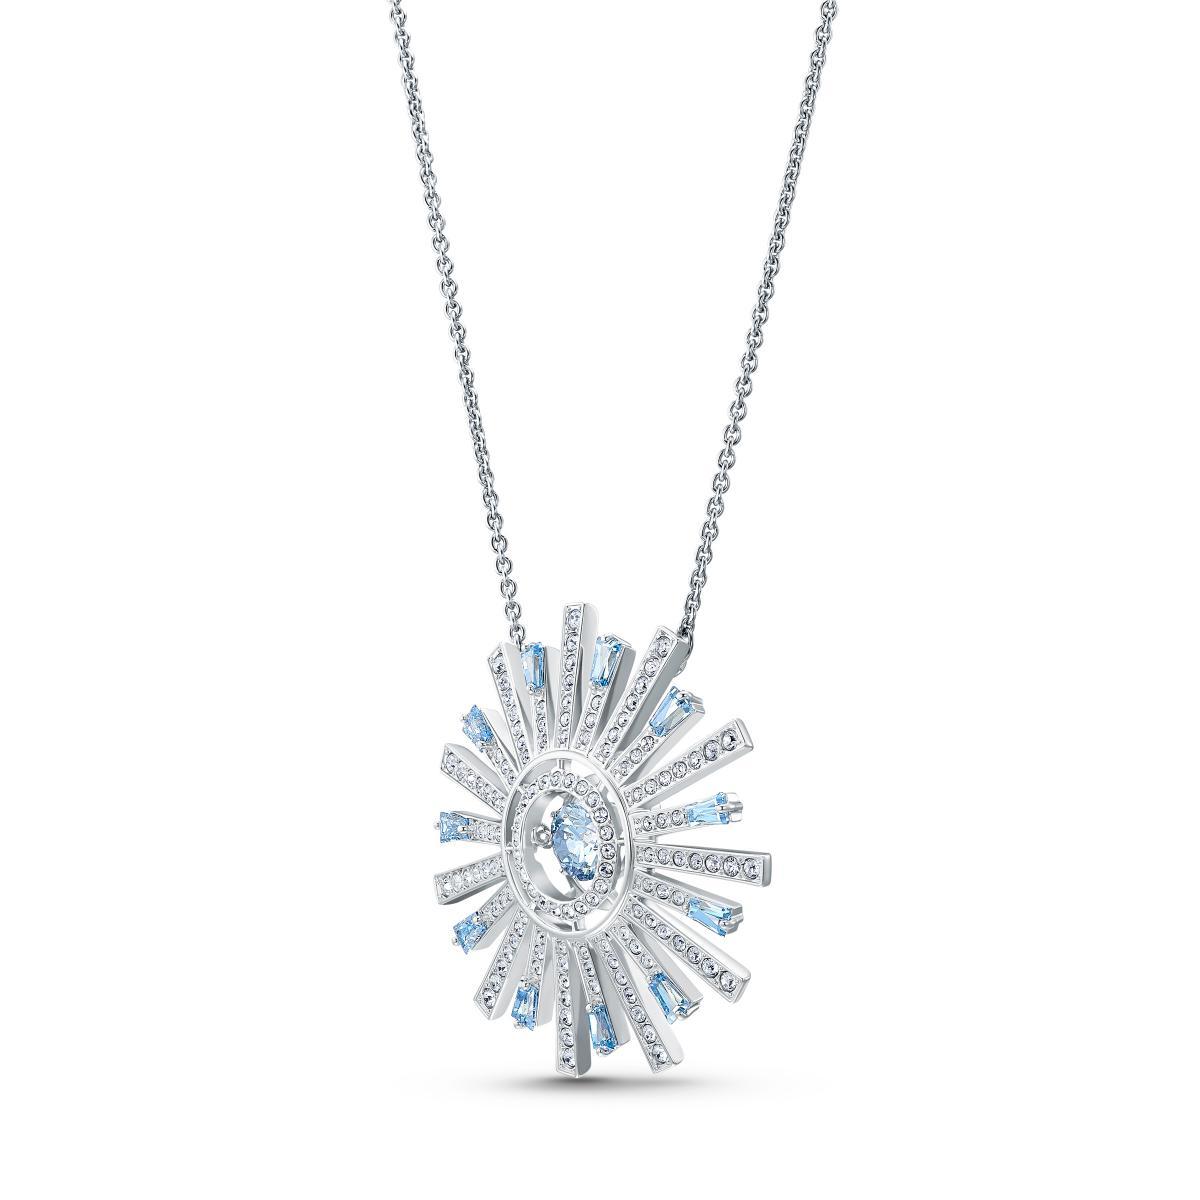 COLLIER Swarovski 5536731 - Collier Métal Argenté Soleil Cristaux Blanc et  Bleu Femme